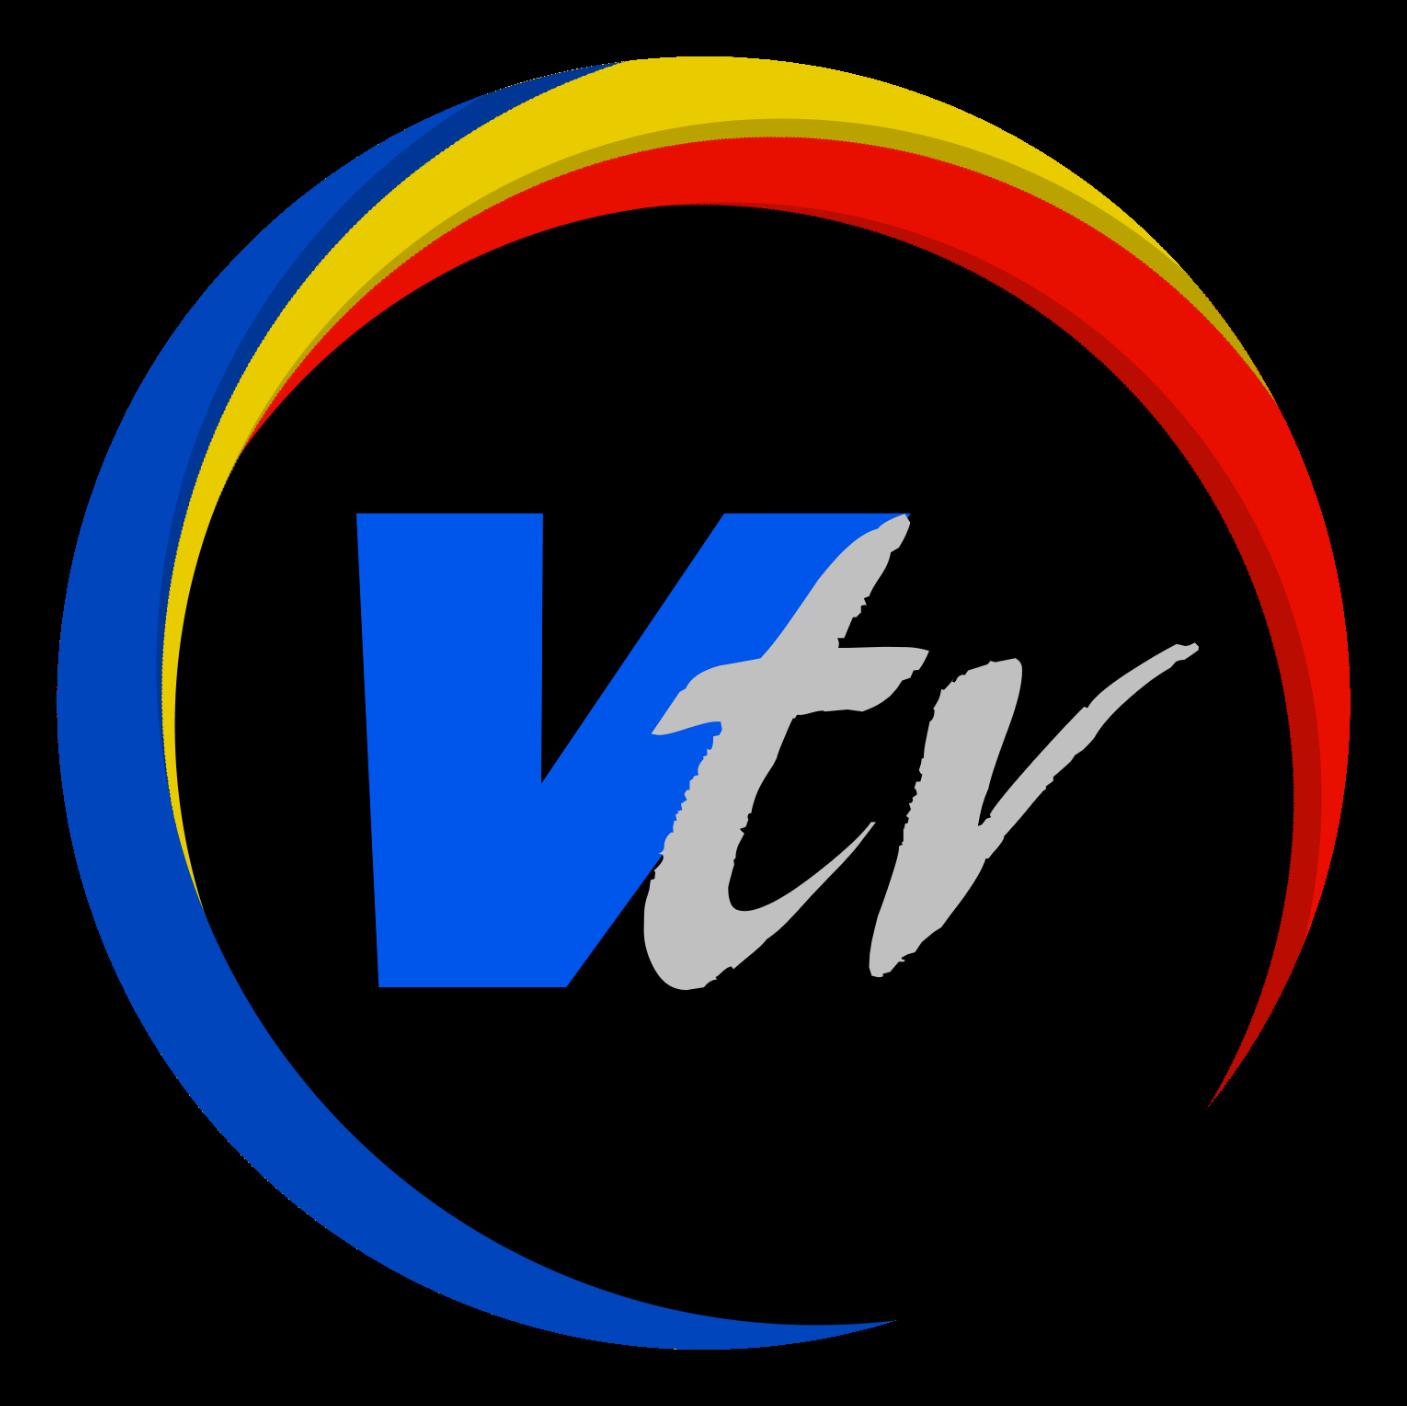 vertex tv l 2.png